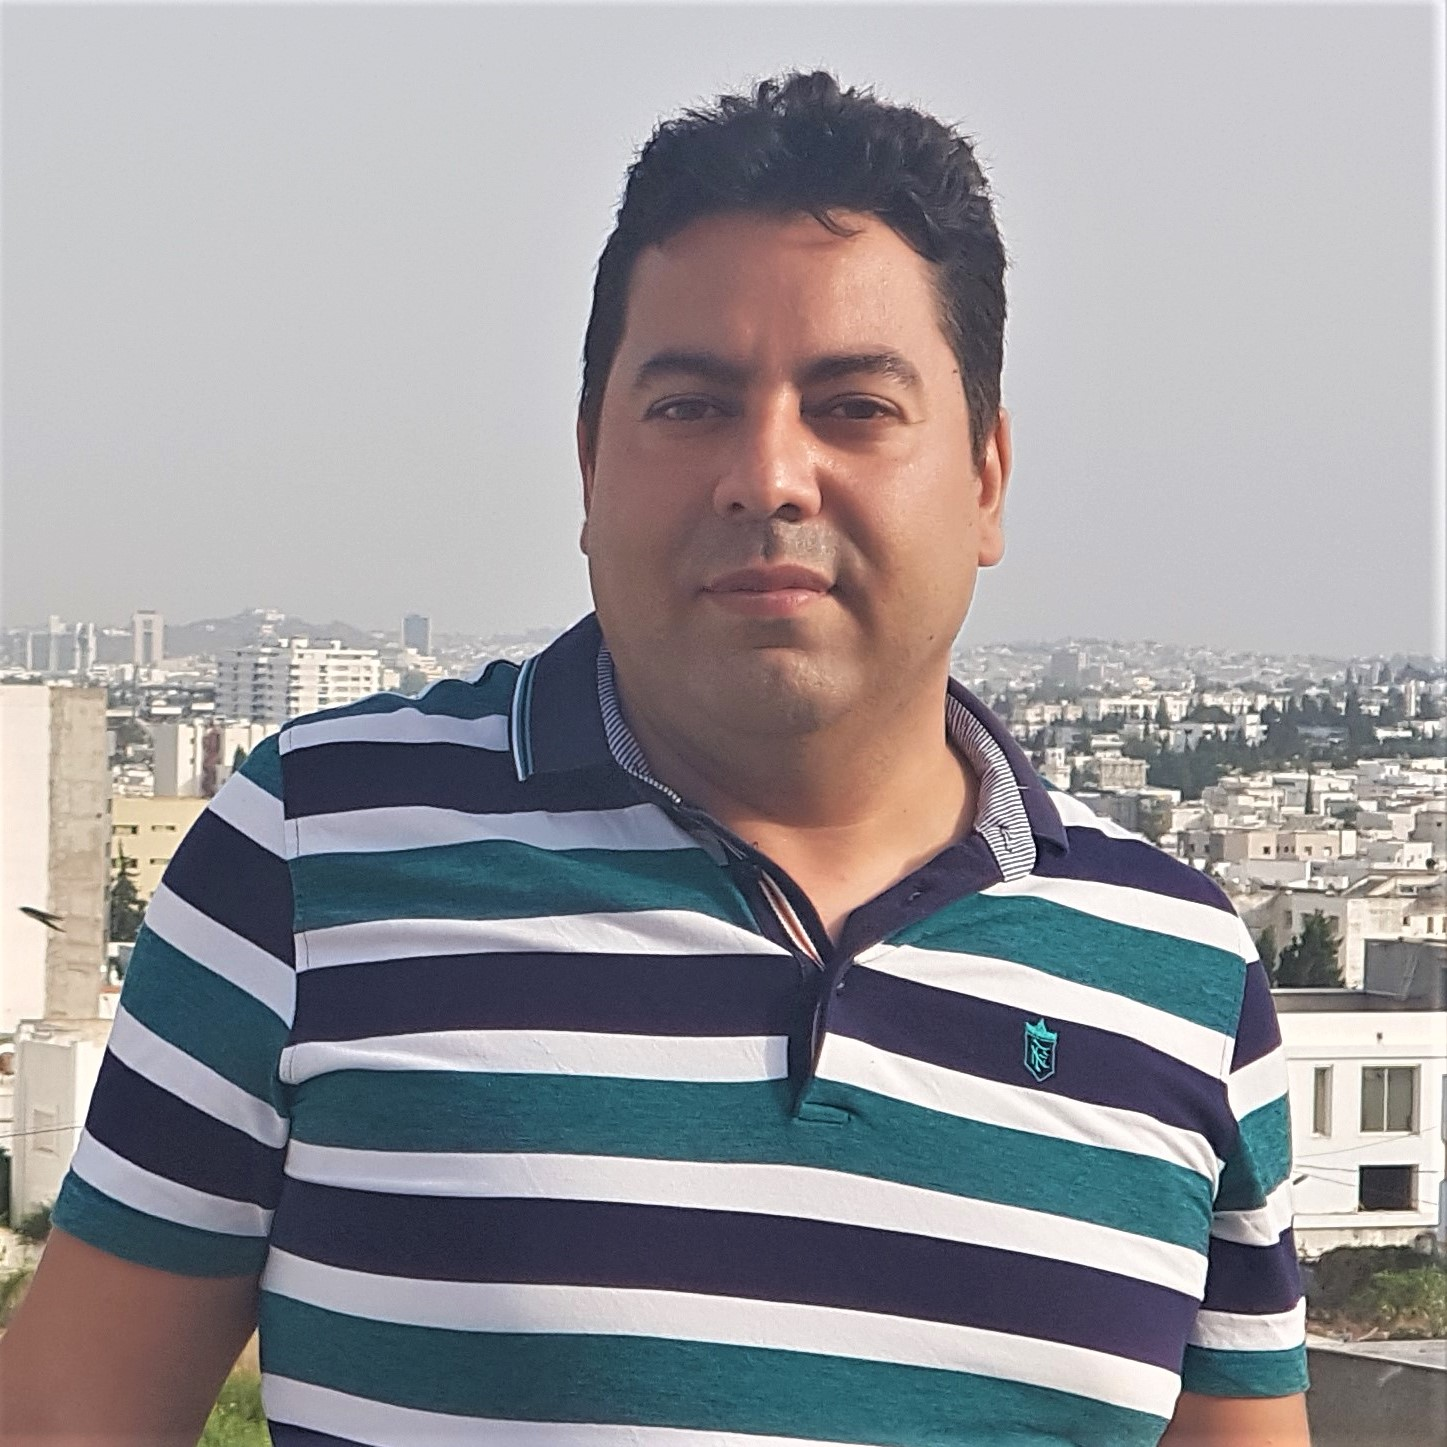 Marouen Taleb